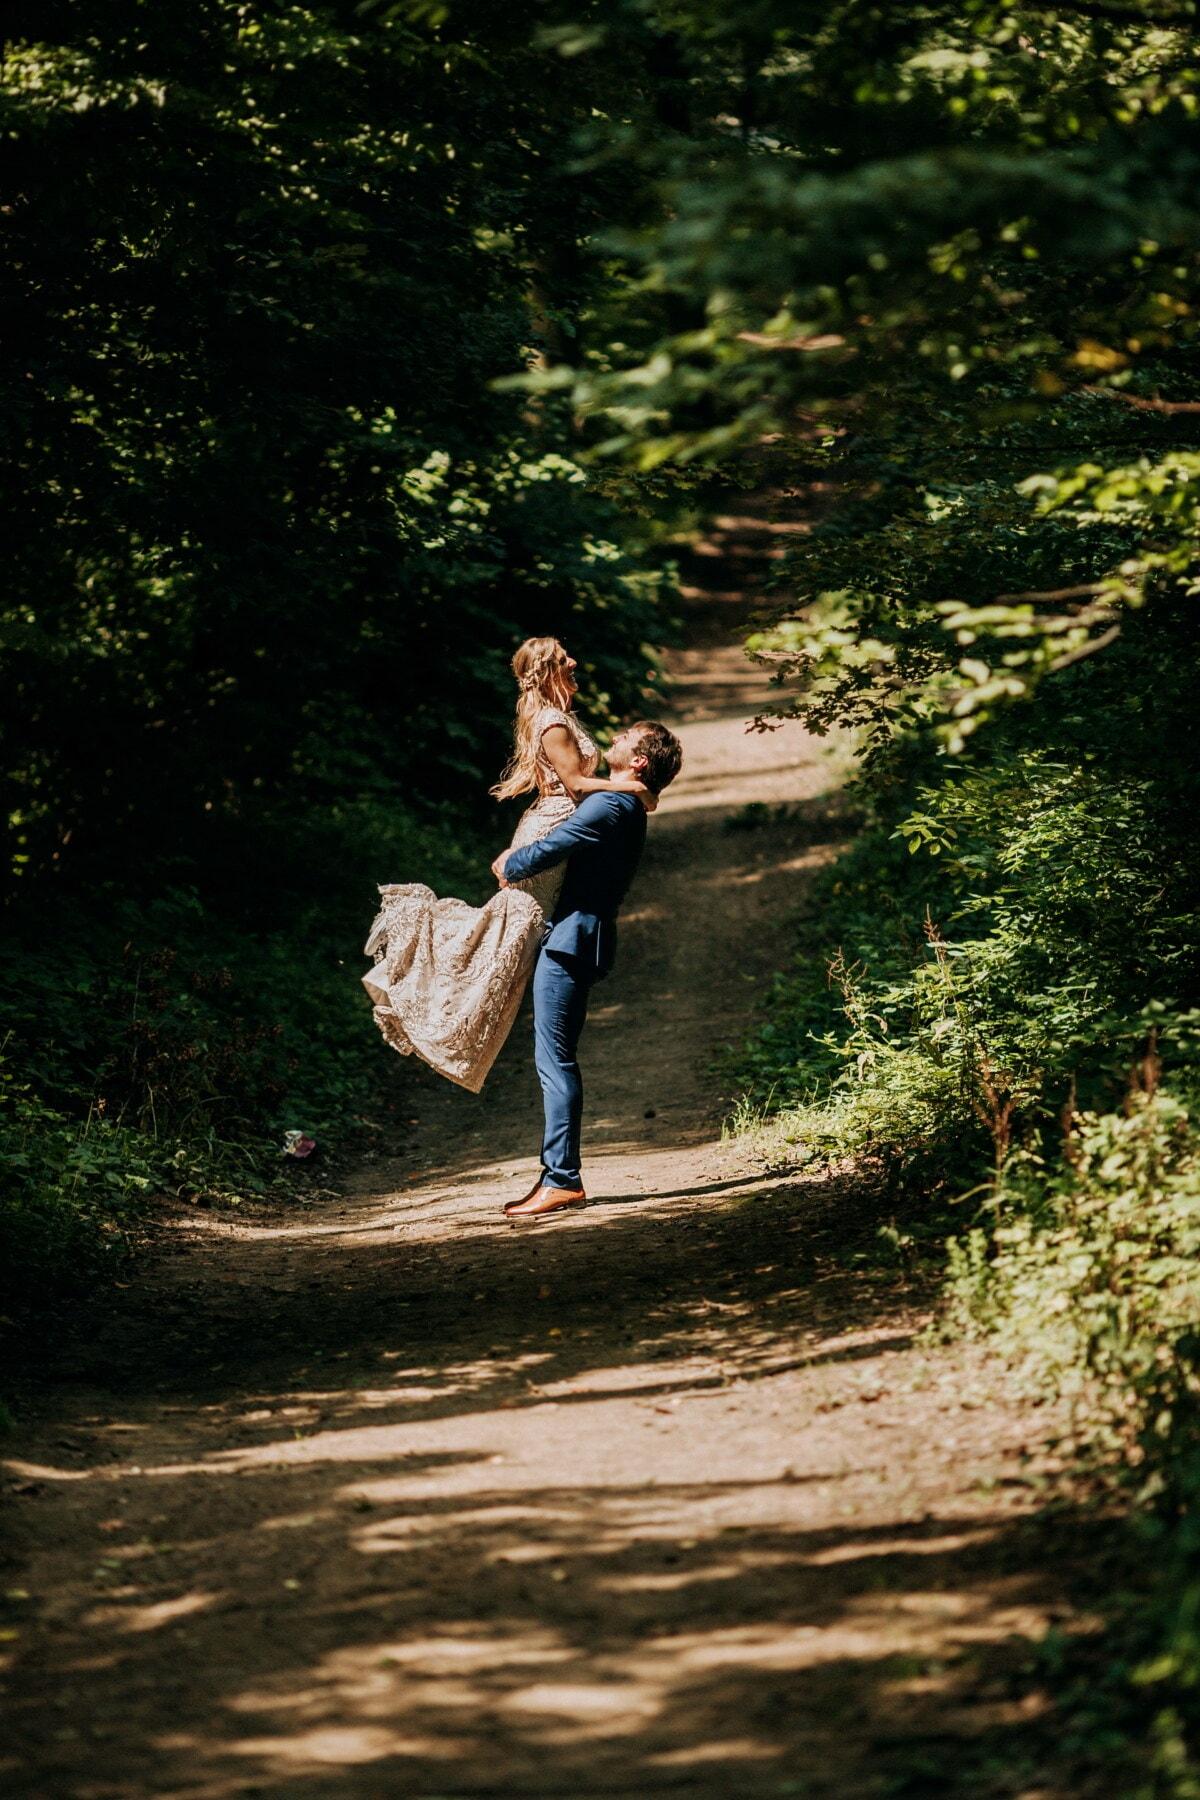 Zärtlichkeit, Freund, Freundin, Liebesbeziehung, Waldweg, Wandern, Holz, Struktur, Board, Mädchen